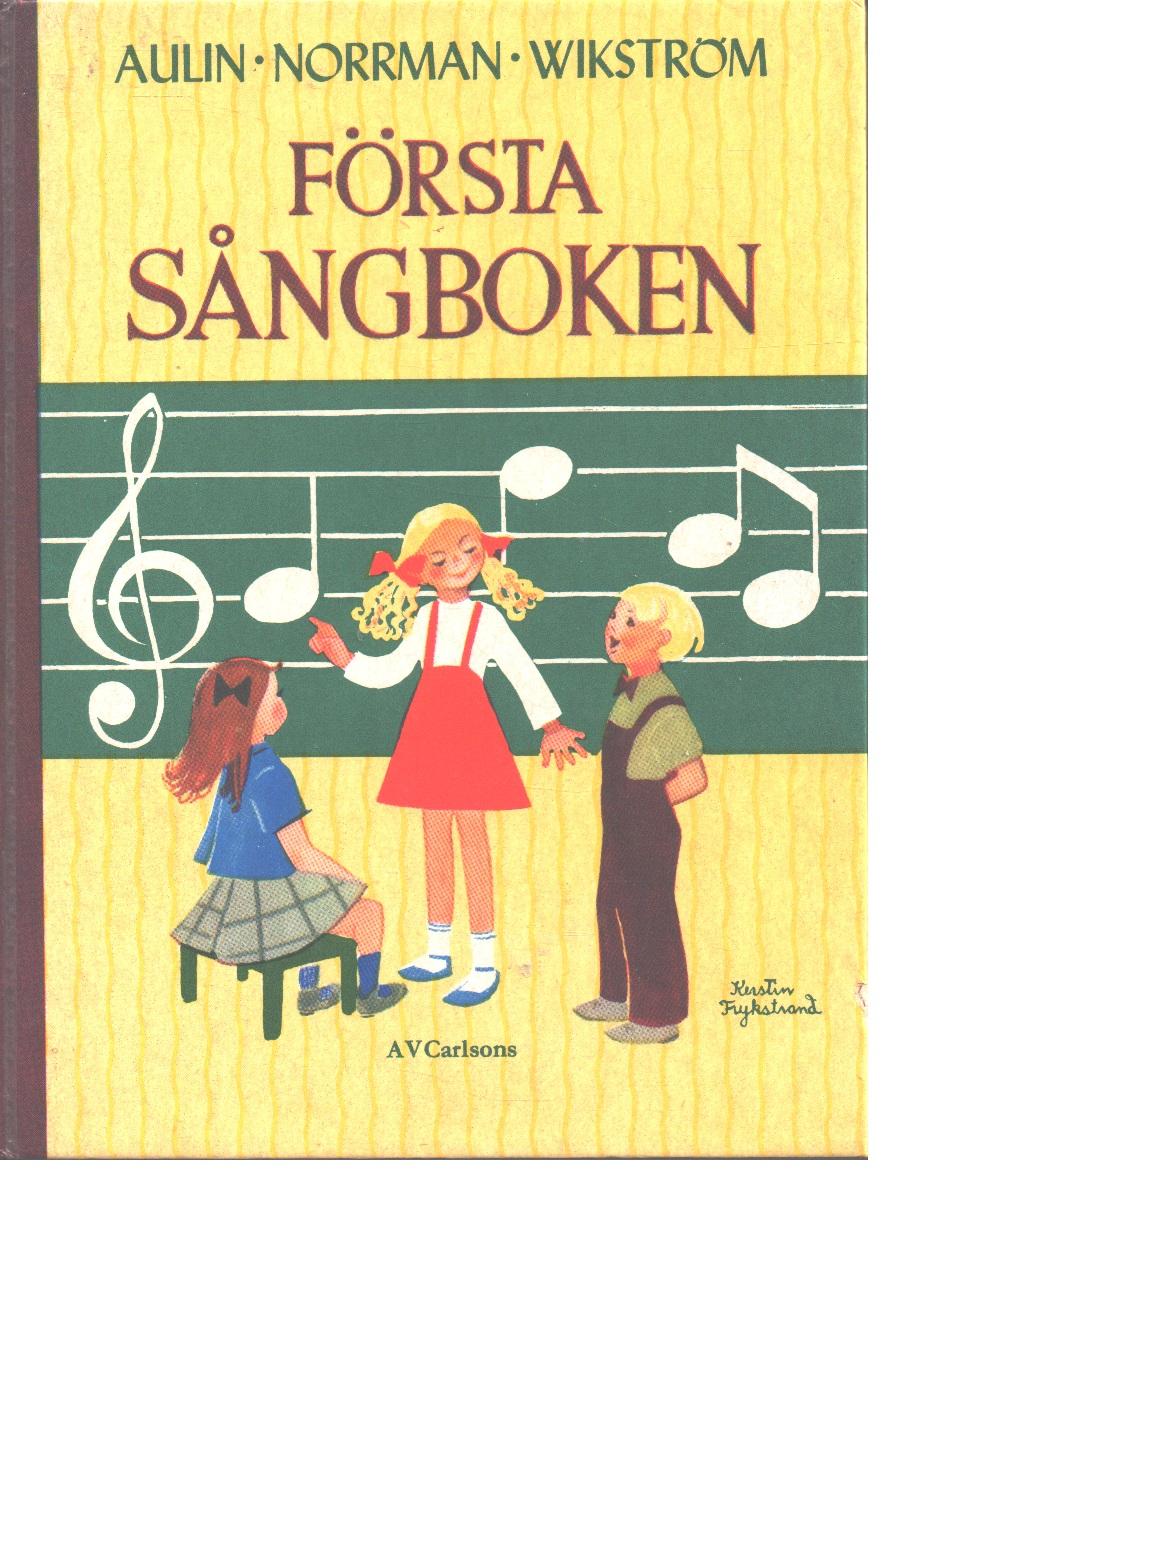 Första sångboken [musiktryck] - Aulin, Arne Och Norrman, John  Samt Wikström, Olga